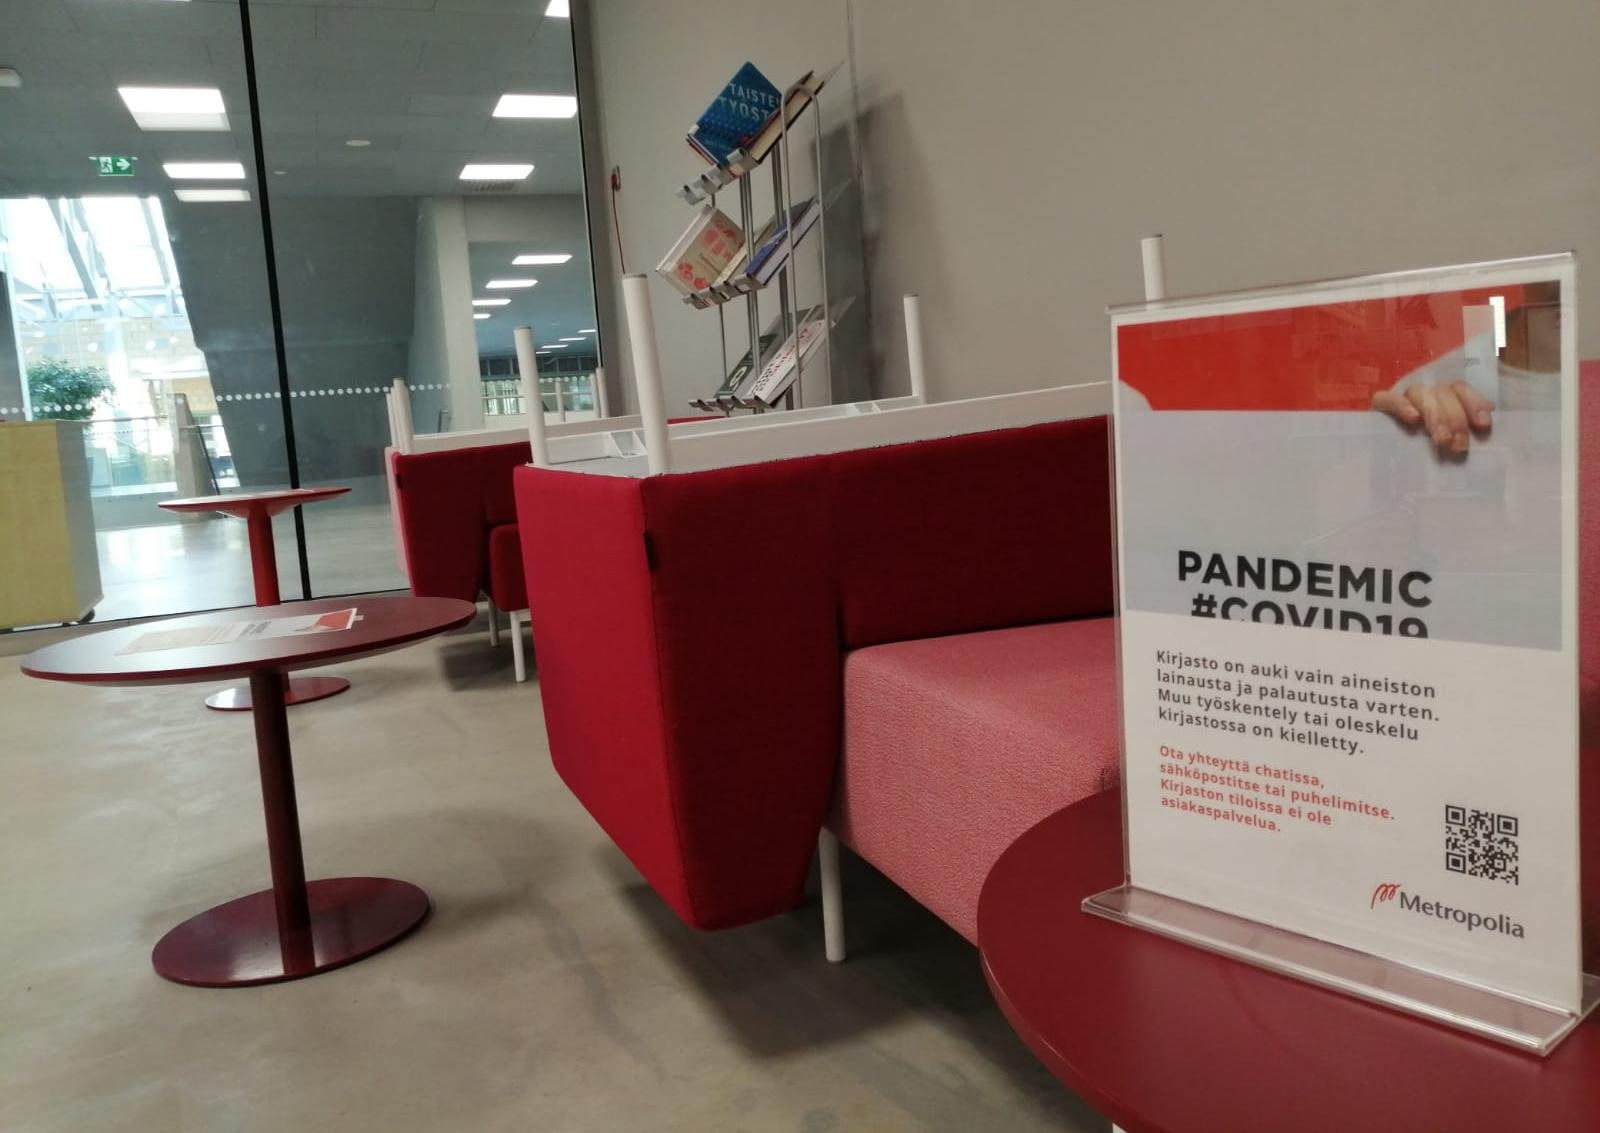 Kuva 4. Metropoliassa kirjasto on auki vain lainausta ja palautusta varten. CC BY 4.0